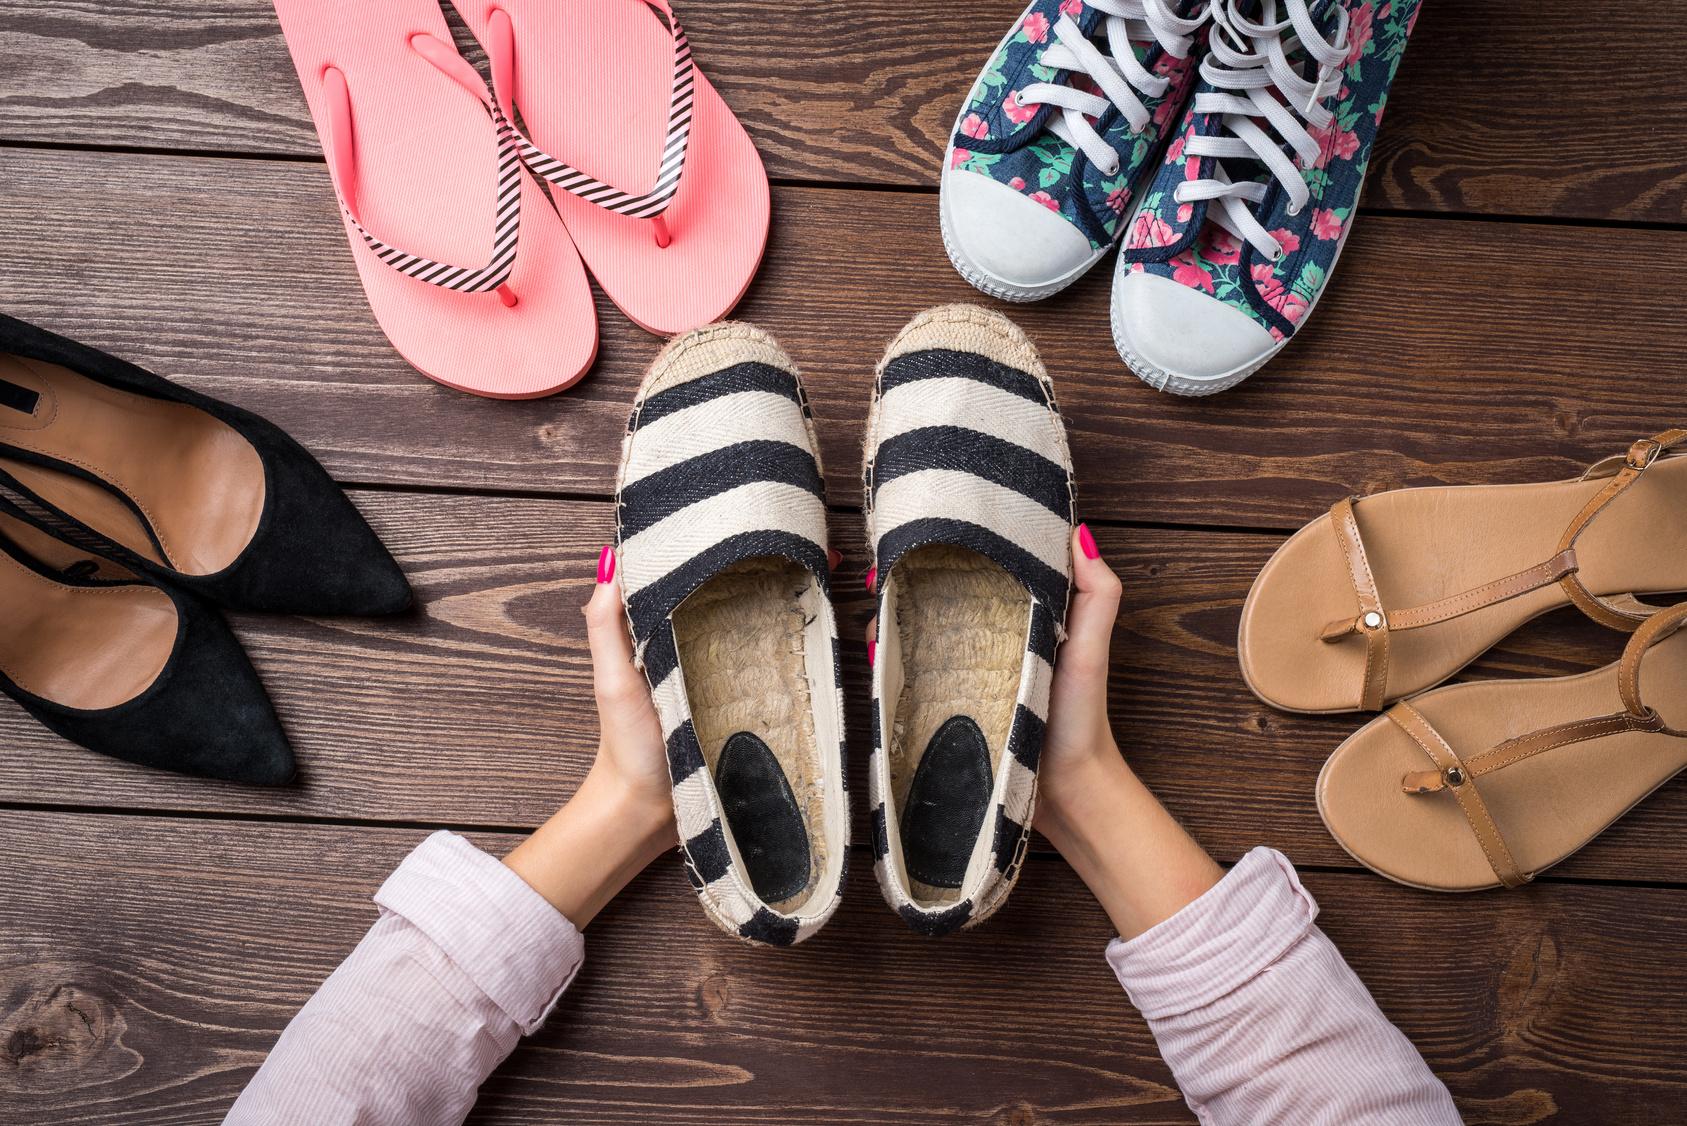 Modne buty powinny być wygodne